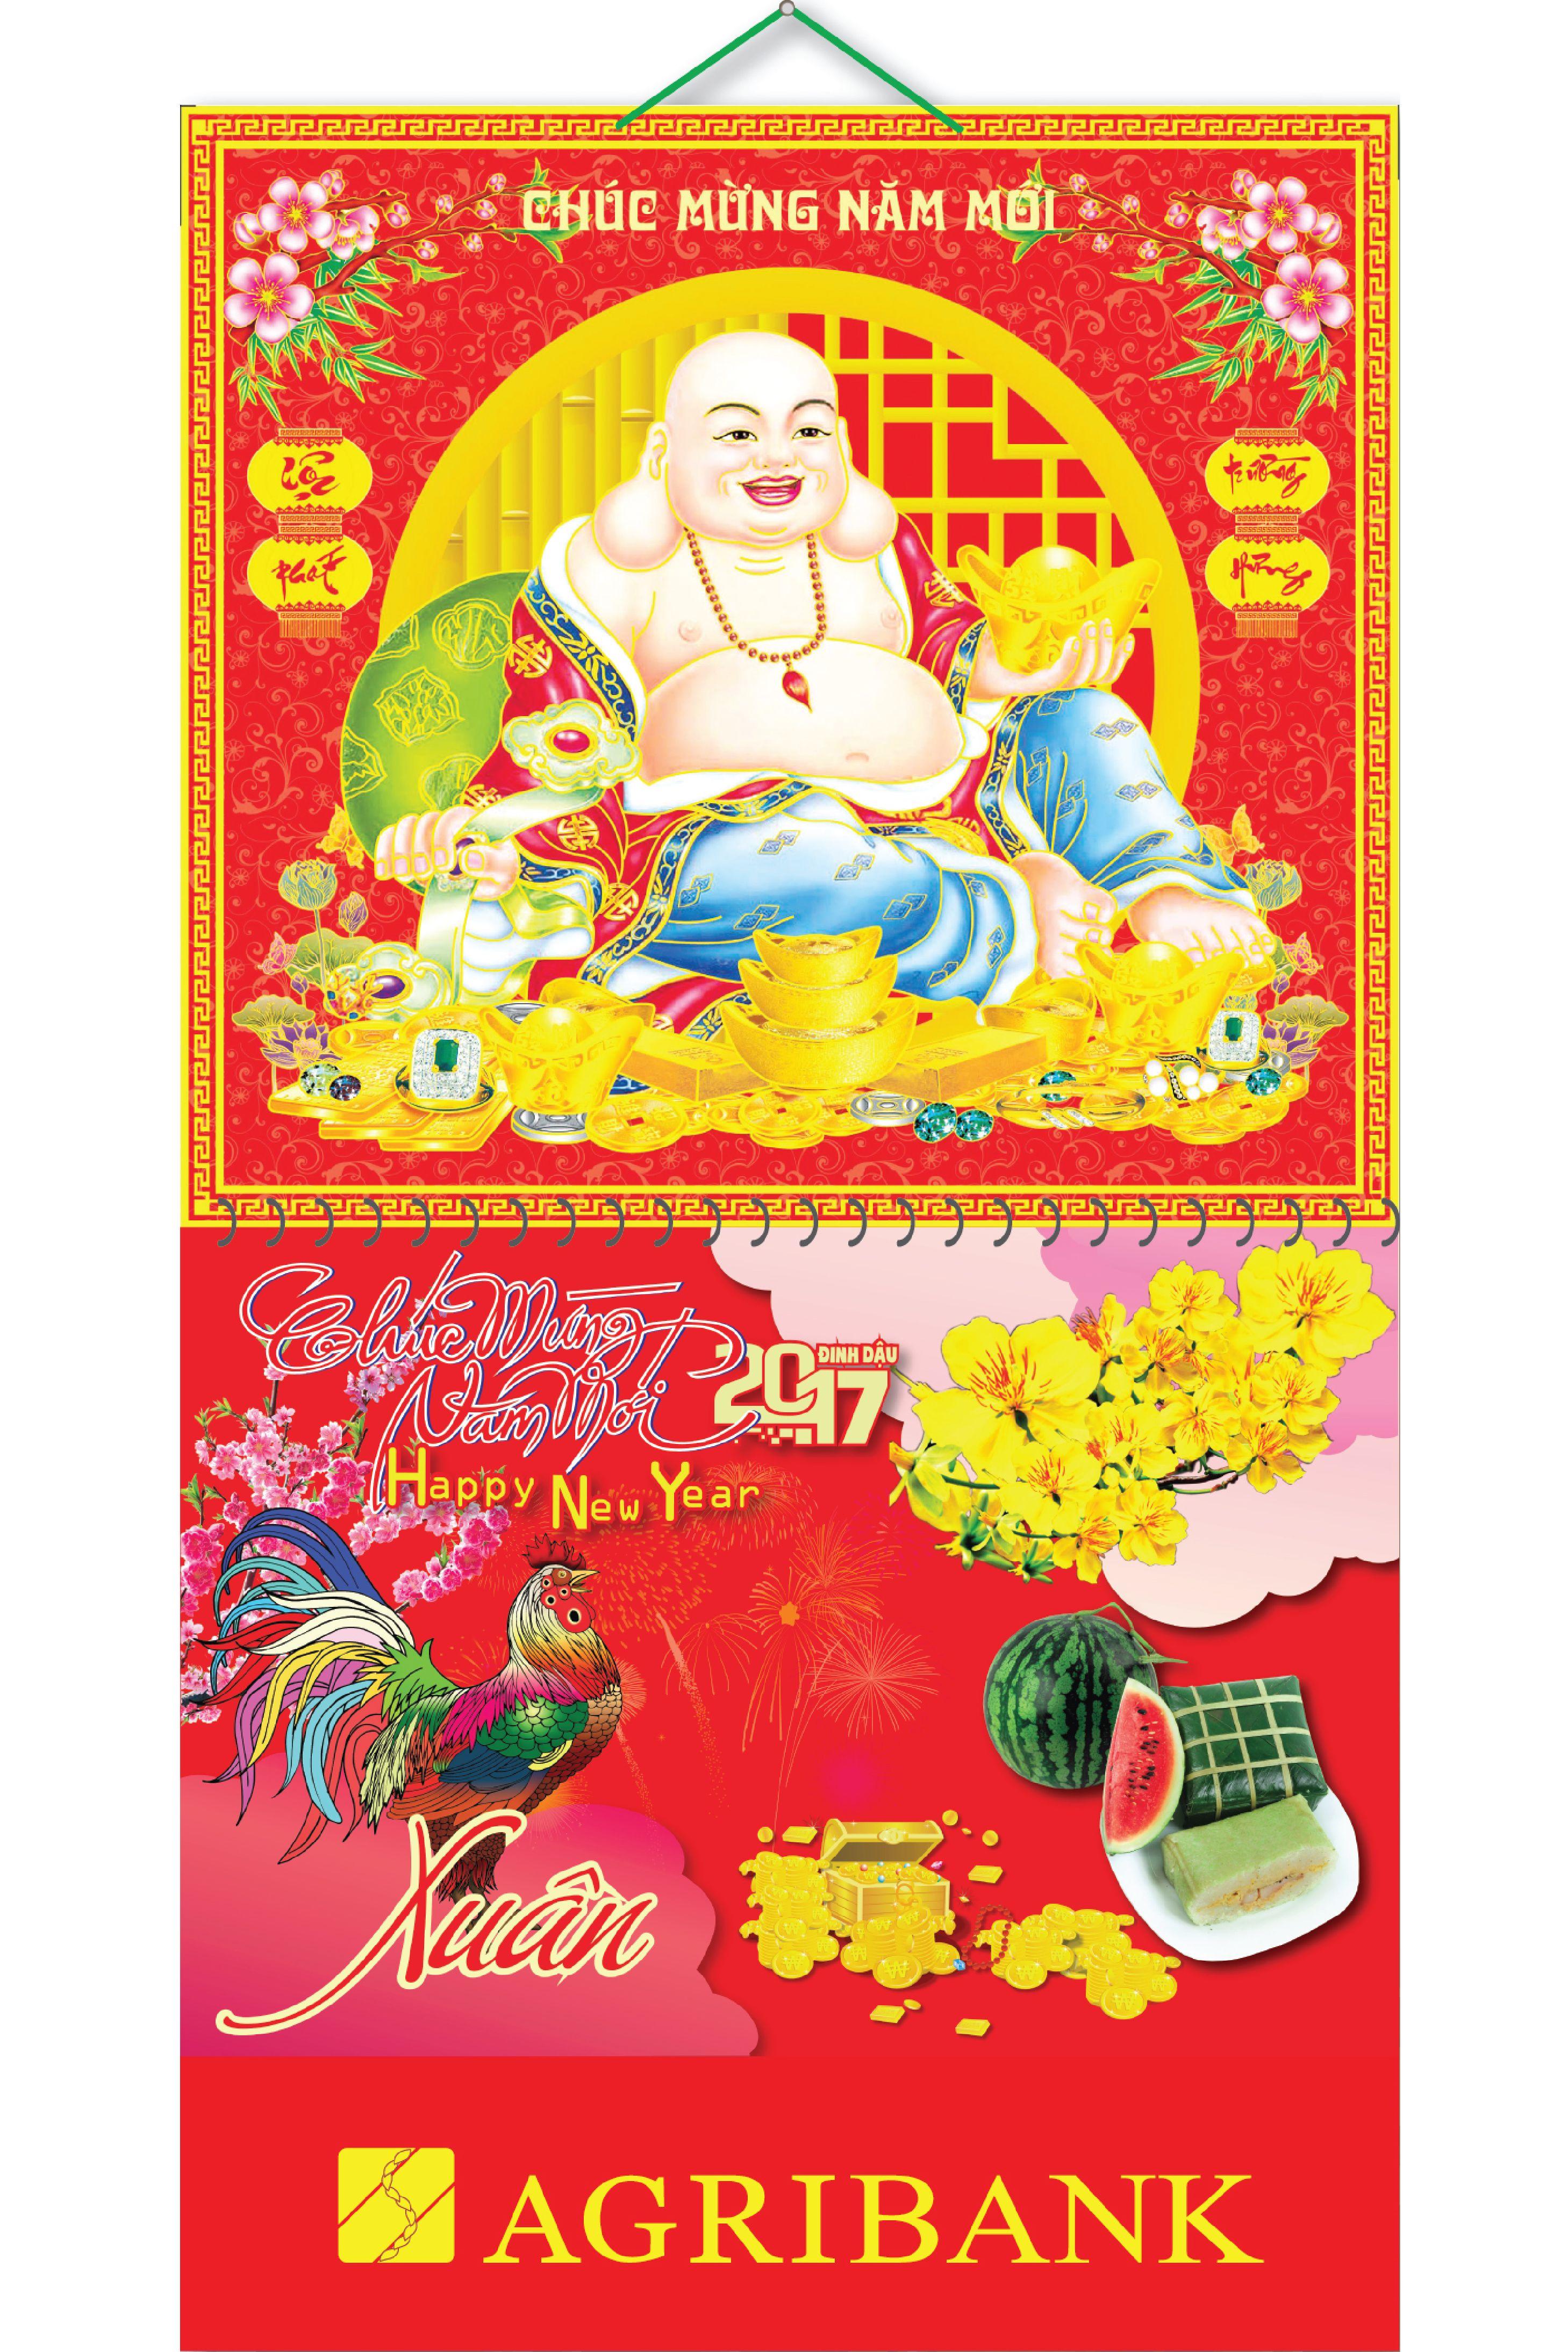 Bìa Treo Lịch 2017 Lò Xo Giữa Gắn Bộ Số Bế Nổi Phật Di Lặc KV.30 - EBOOK/PDF/PRC/EPUB